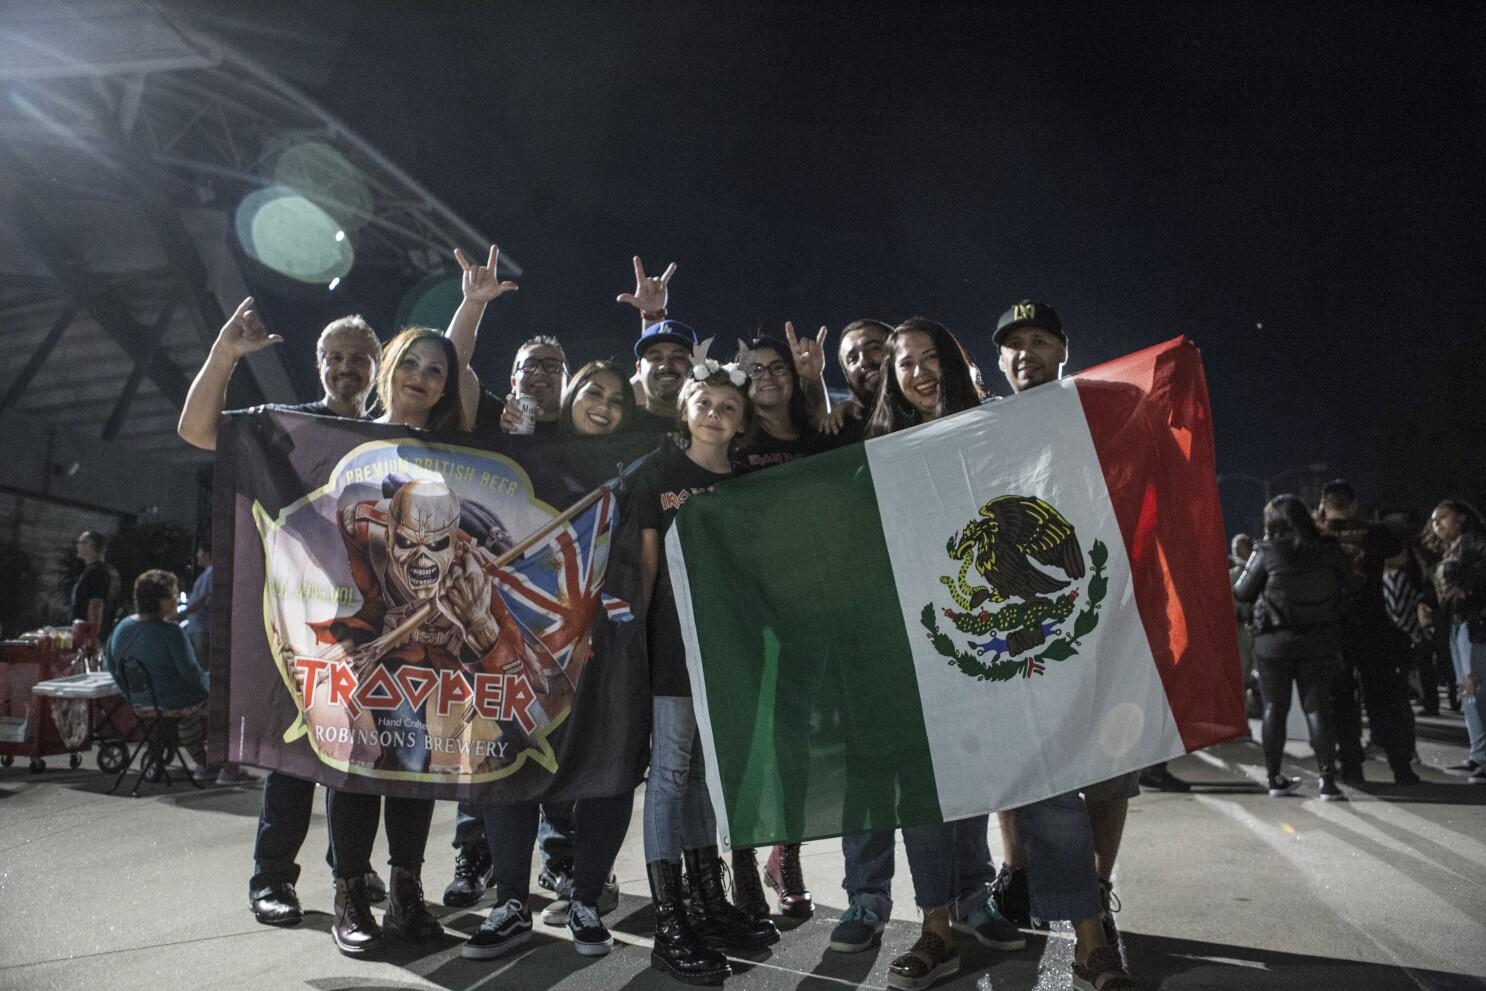 Esta Dama de Hierro sedujo a los latinos - Los Angeles Times